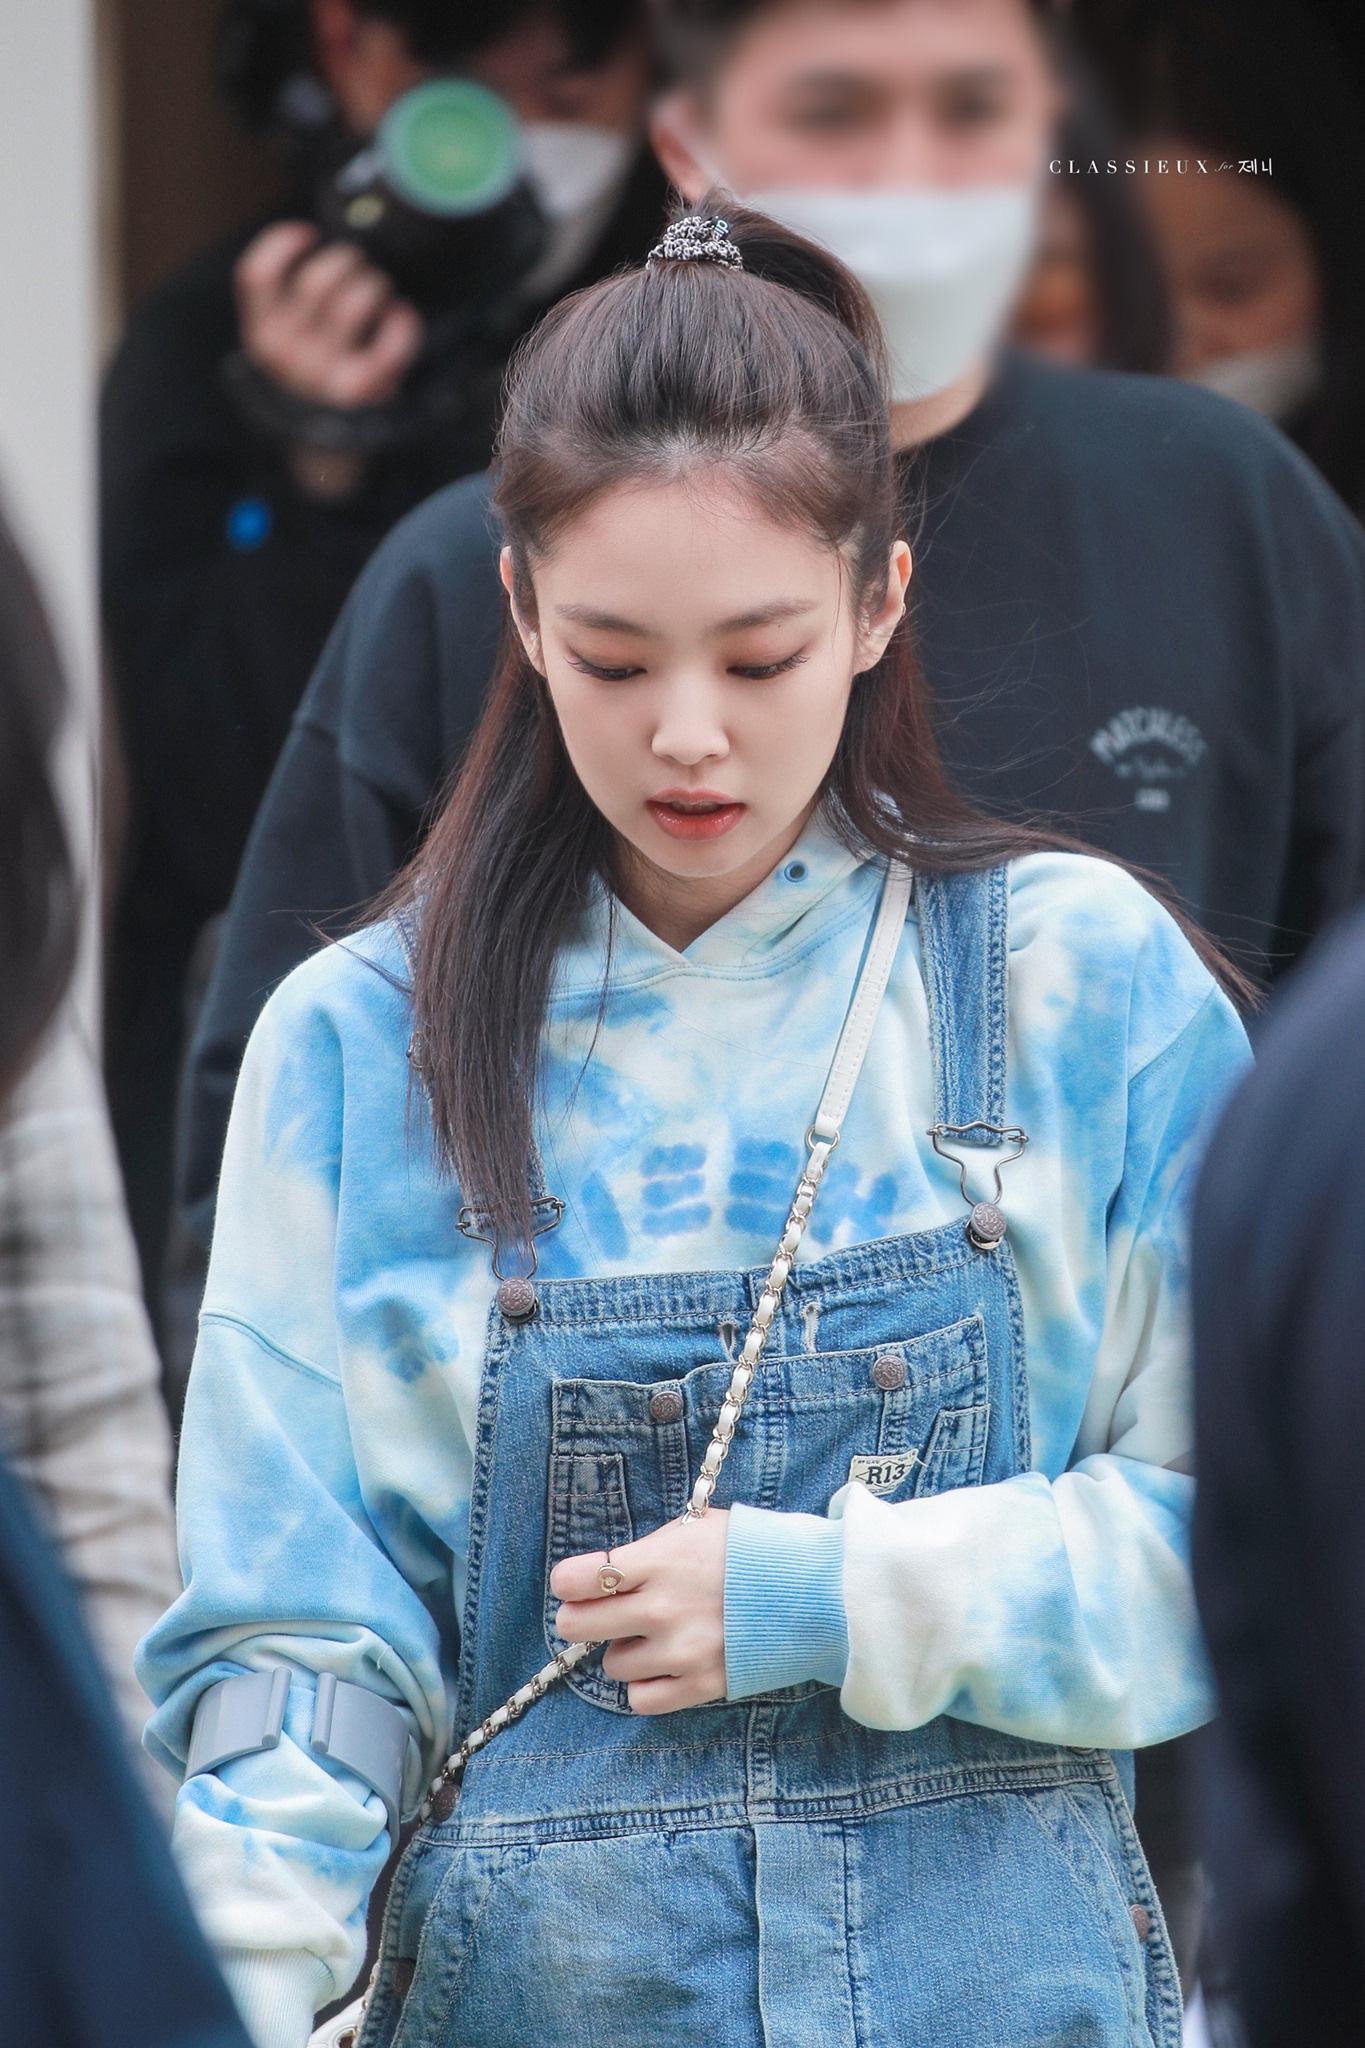 Style chọn chun buộc tóc của 3 girlgroup hàng đầu: Jennie, Joy diện phụ kiện xịn nhất, số còn lại chỉ mê đồ bình dân - Ảnh 5.